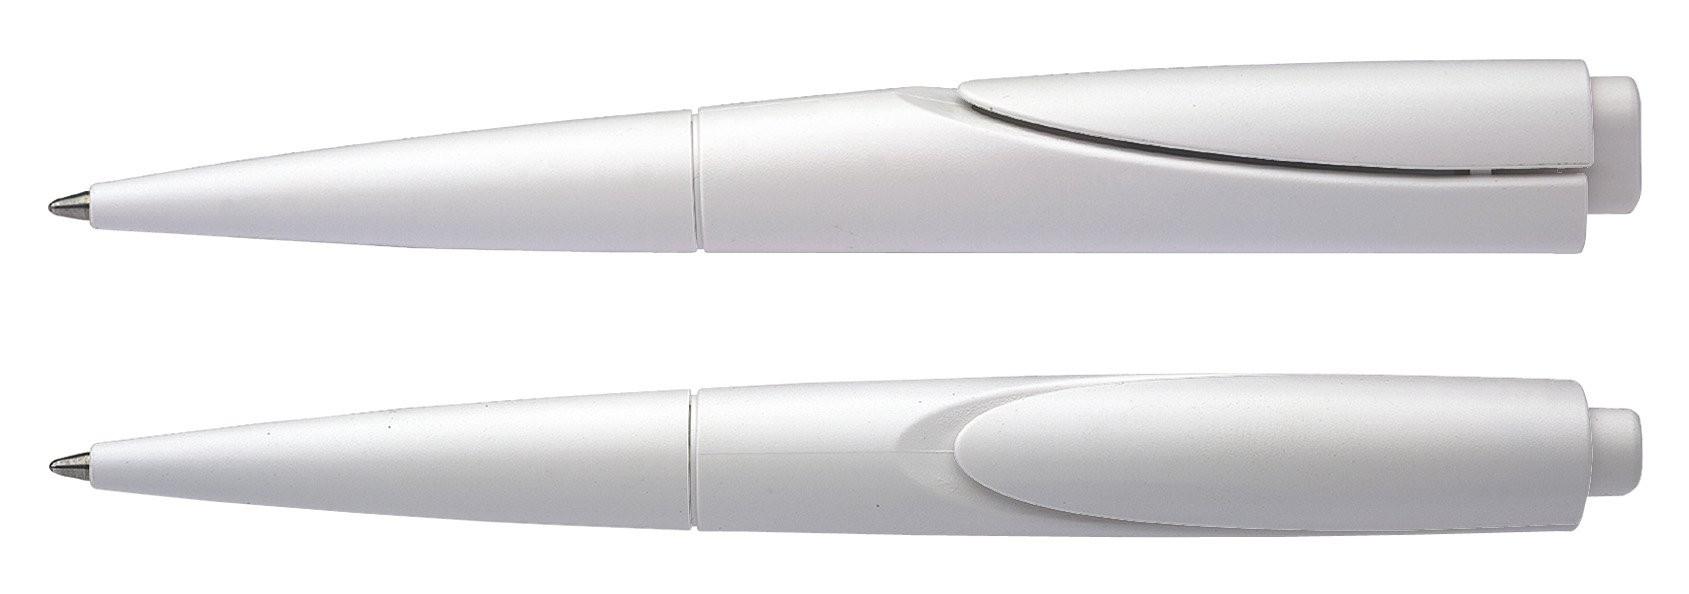 Kugelschreiber F-ace